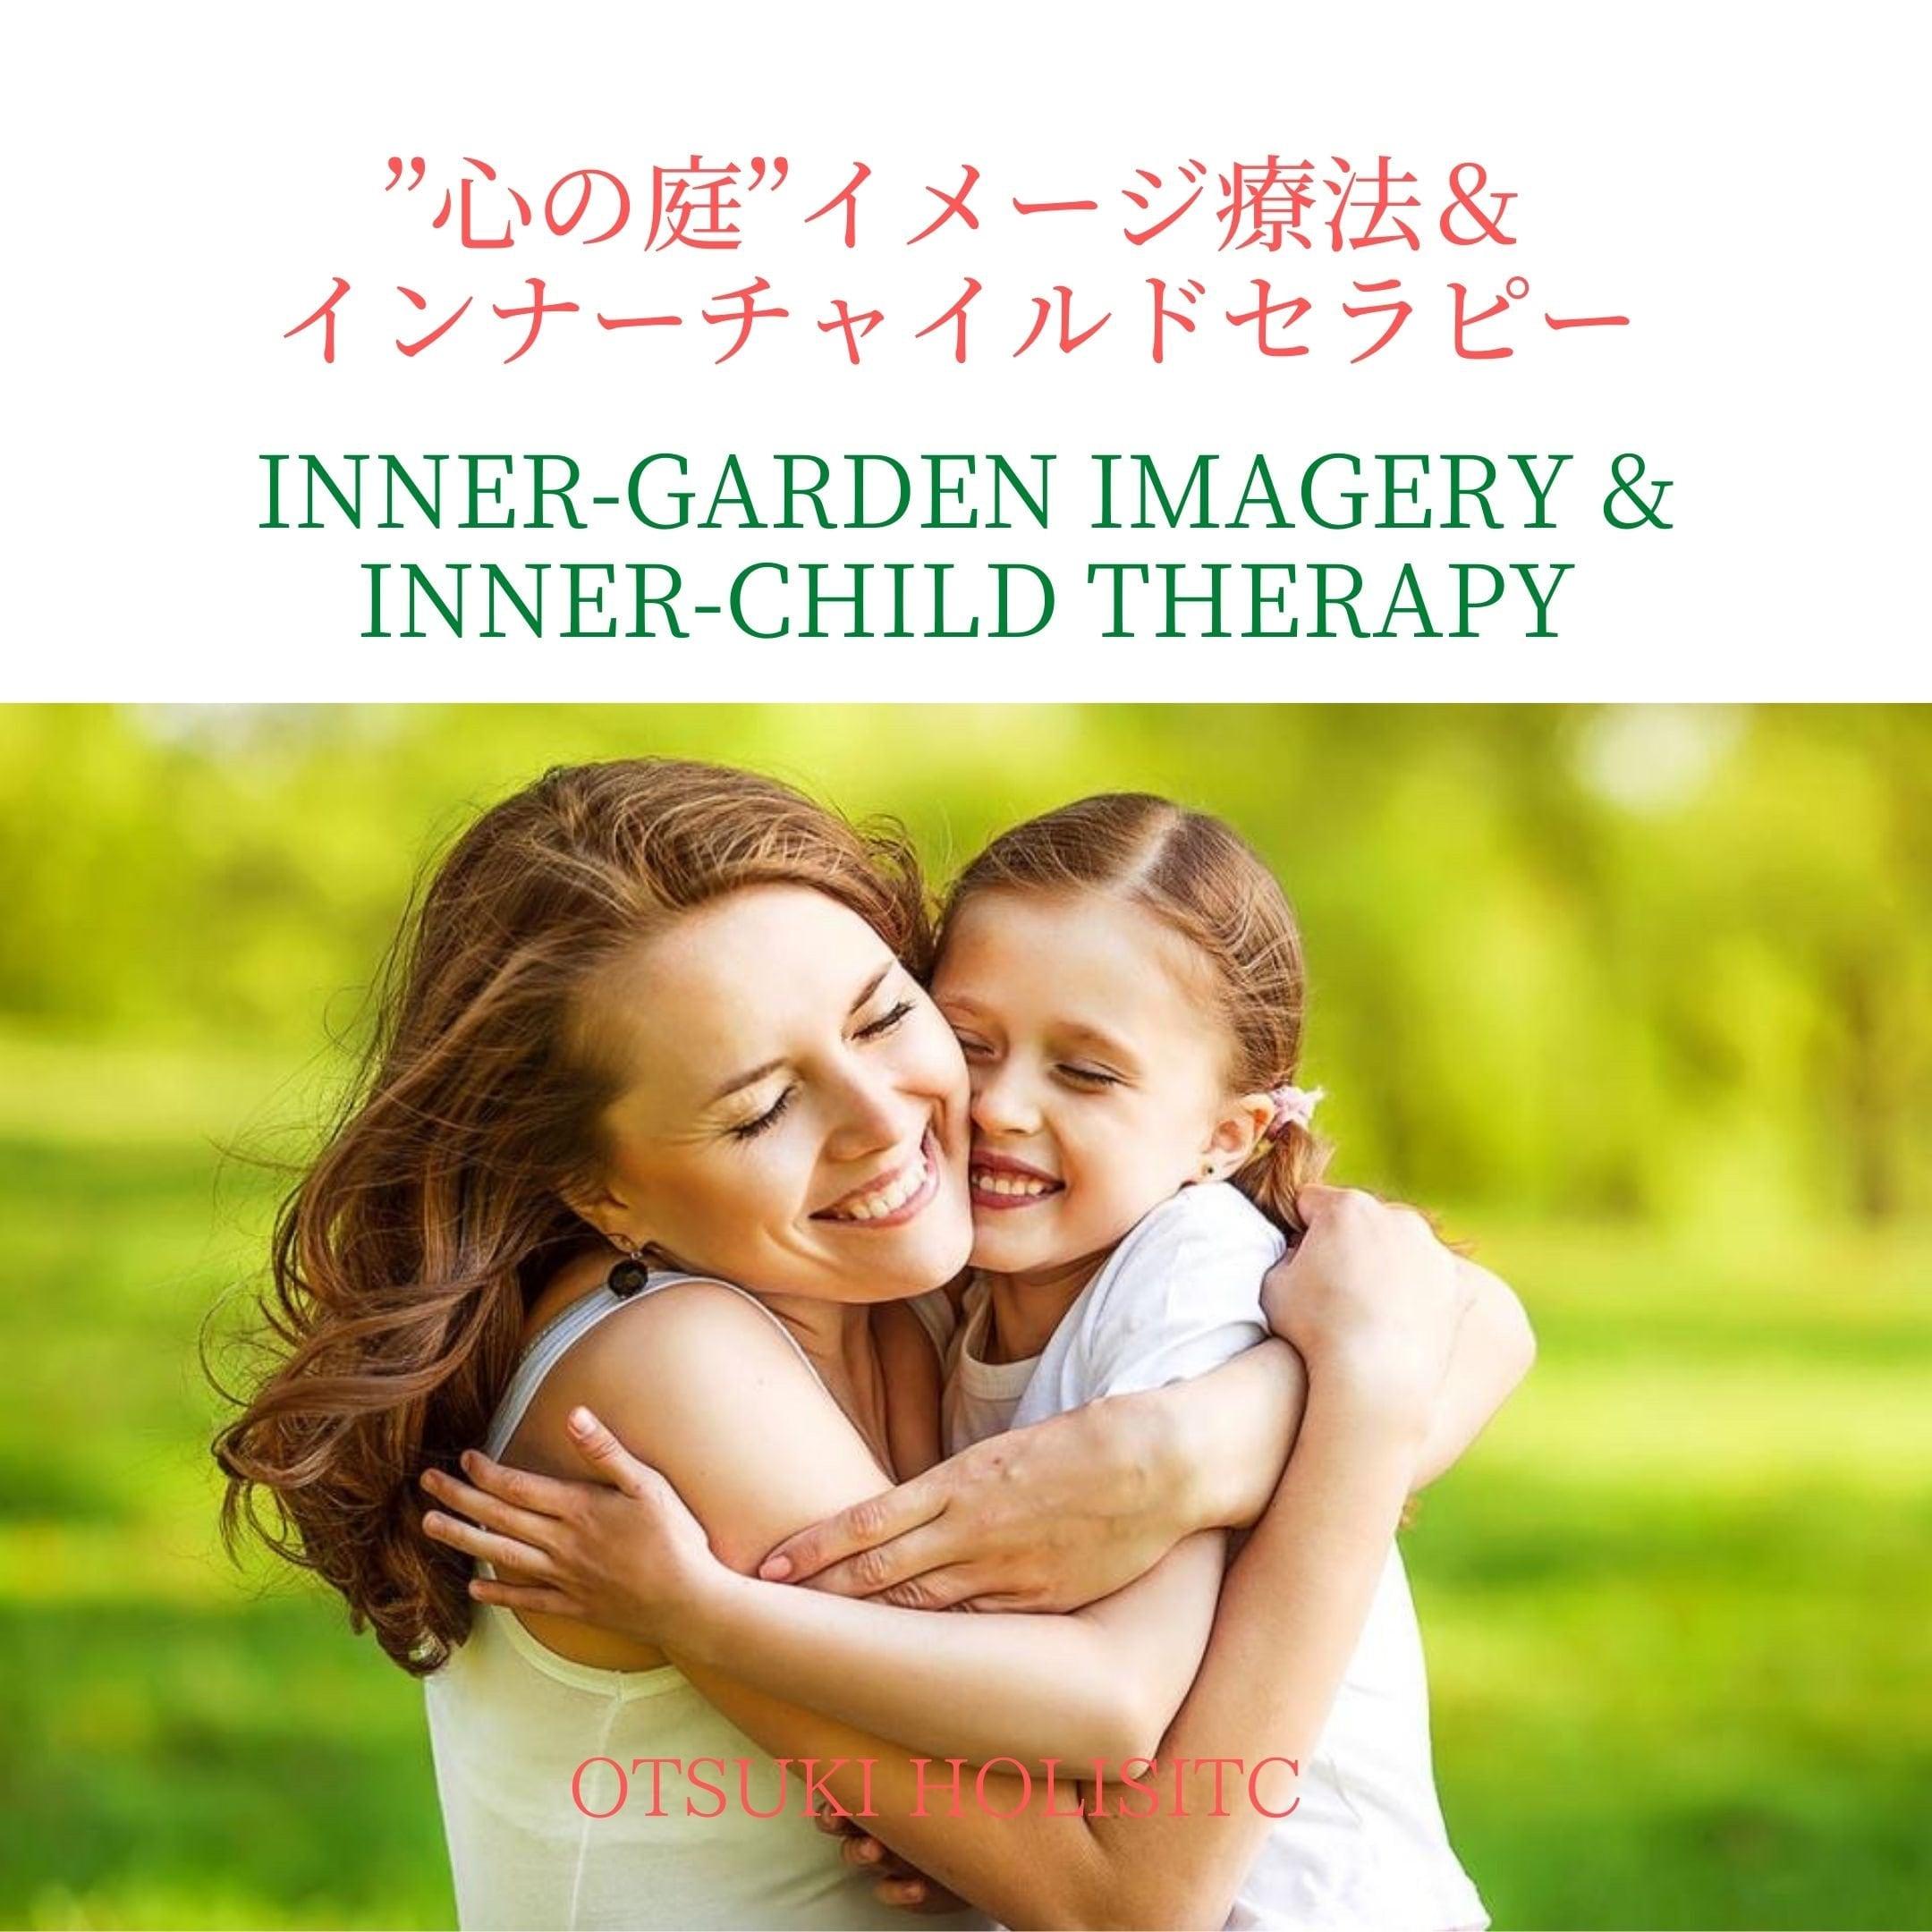 【2講座セット割】ハートフルネスカウンセリング/心の庭療法&インナーチャイルドセラピー【セラピスト養成講座】のイメージその3